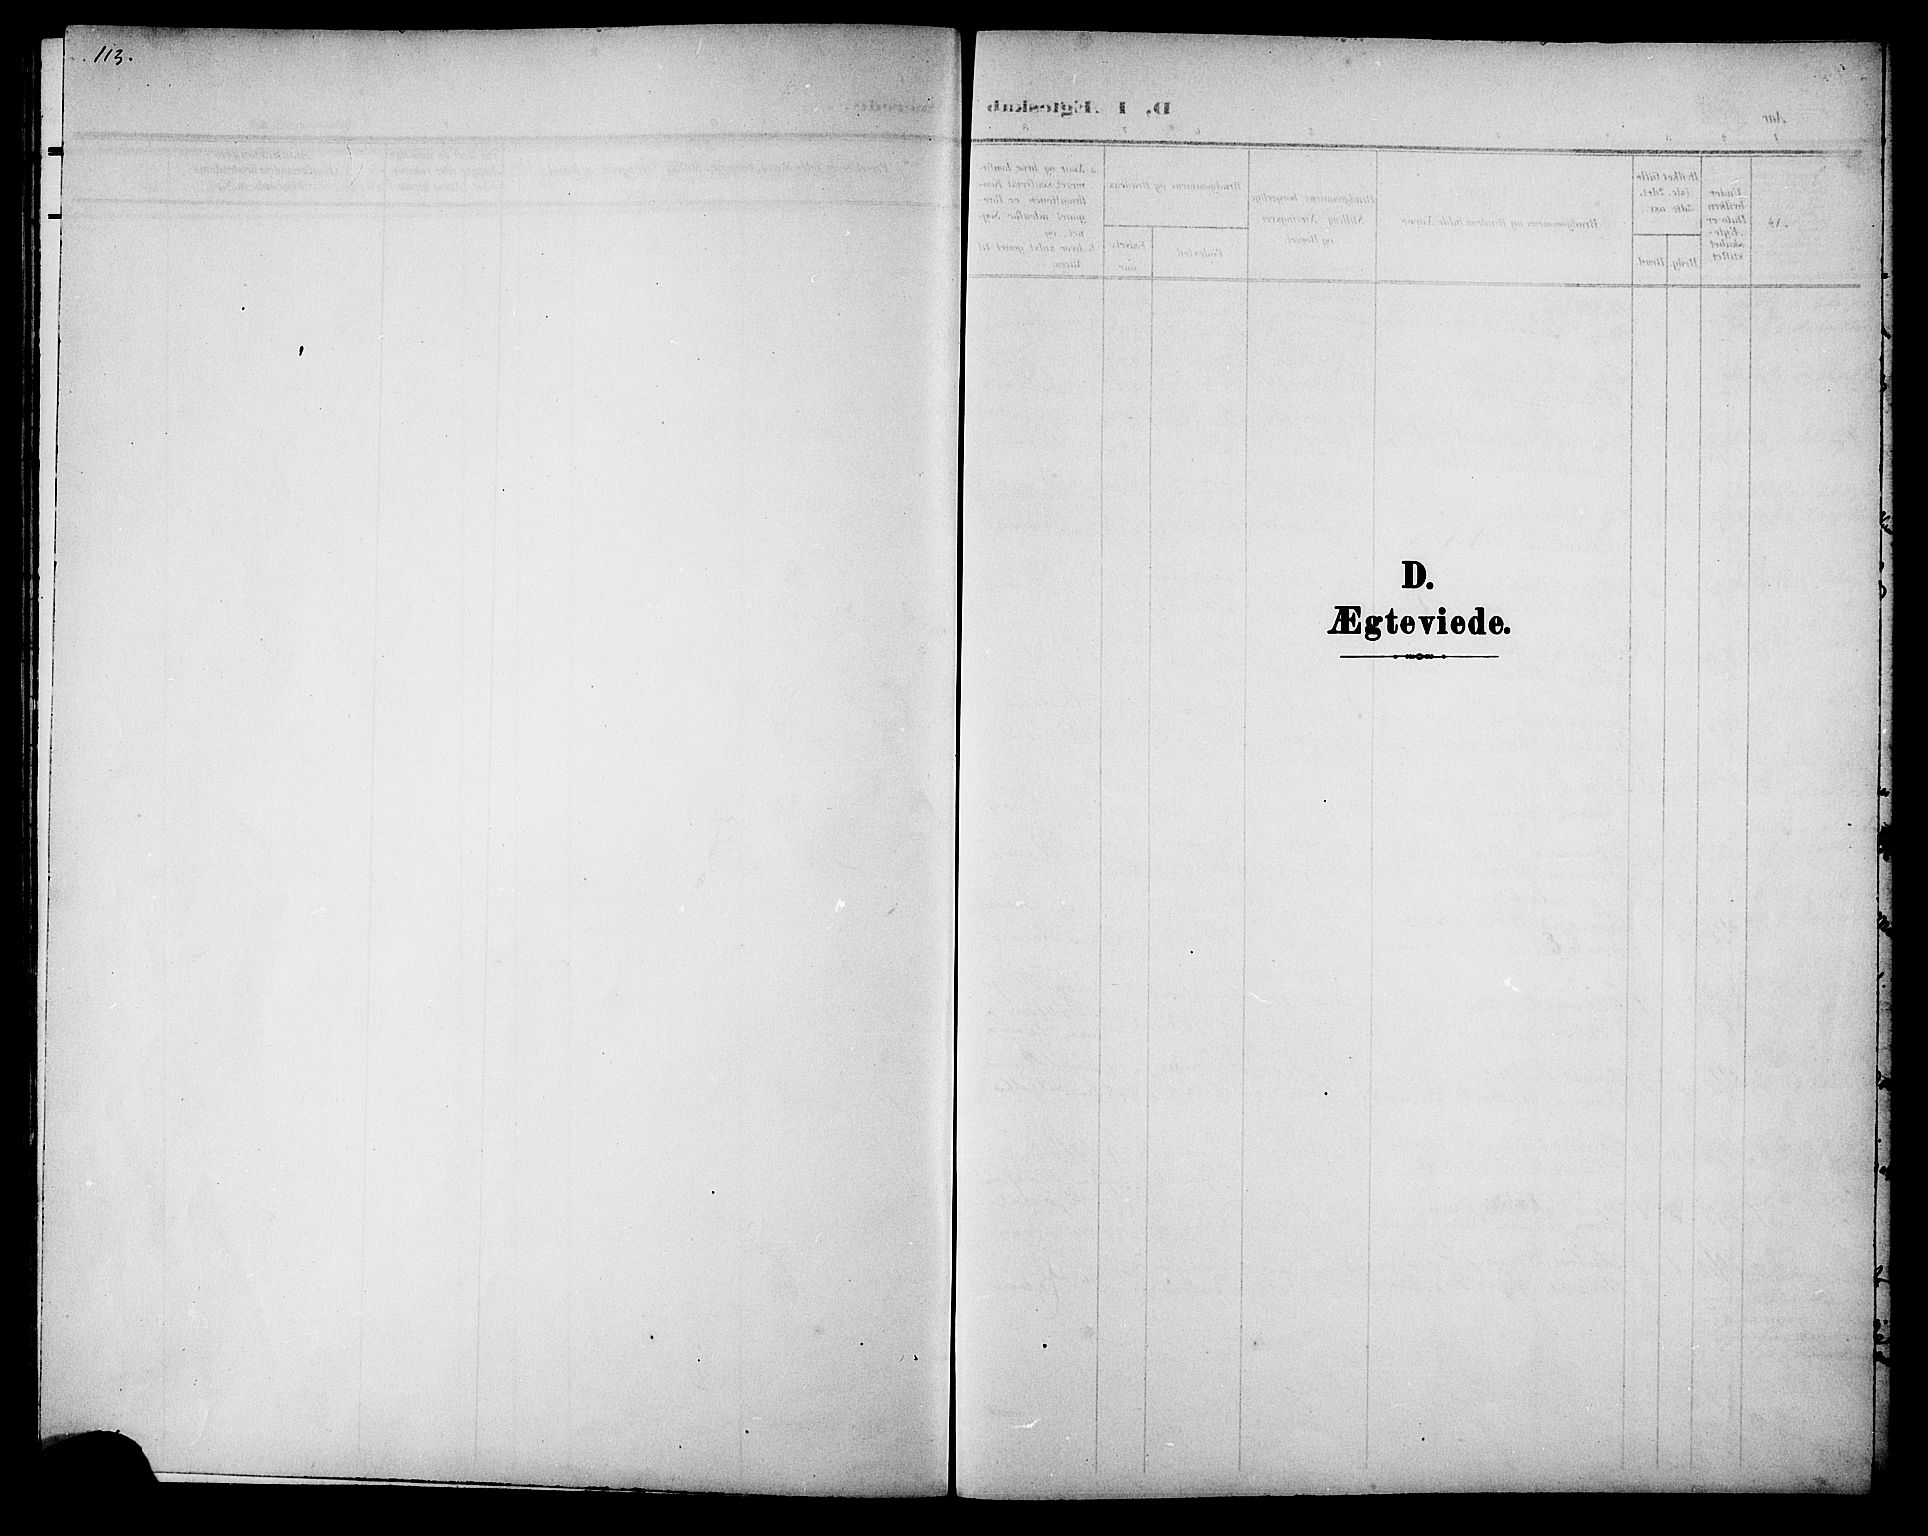 SAT, Ministerialprotokoller, klokkerbøker og fødselsregistre - Sør-Trøndelag, 657/L0717: Klokkerbok nr. 657C04, 1904-1923, s. 113